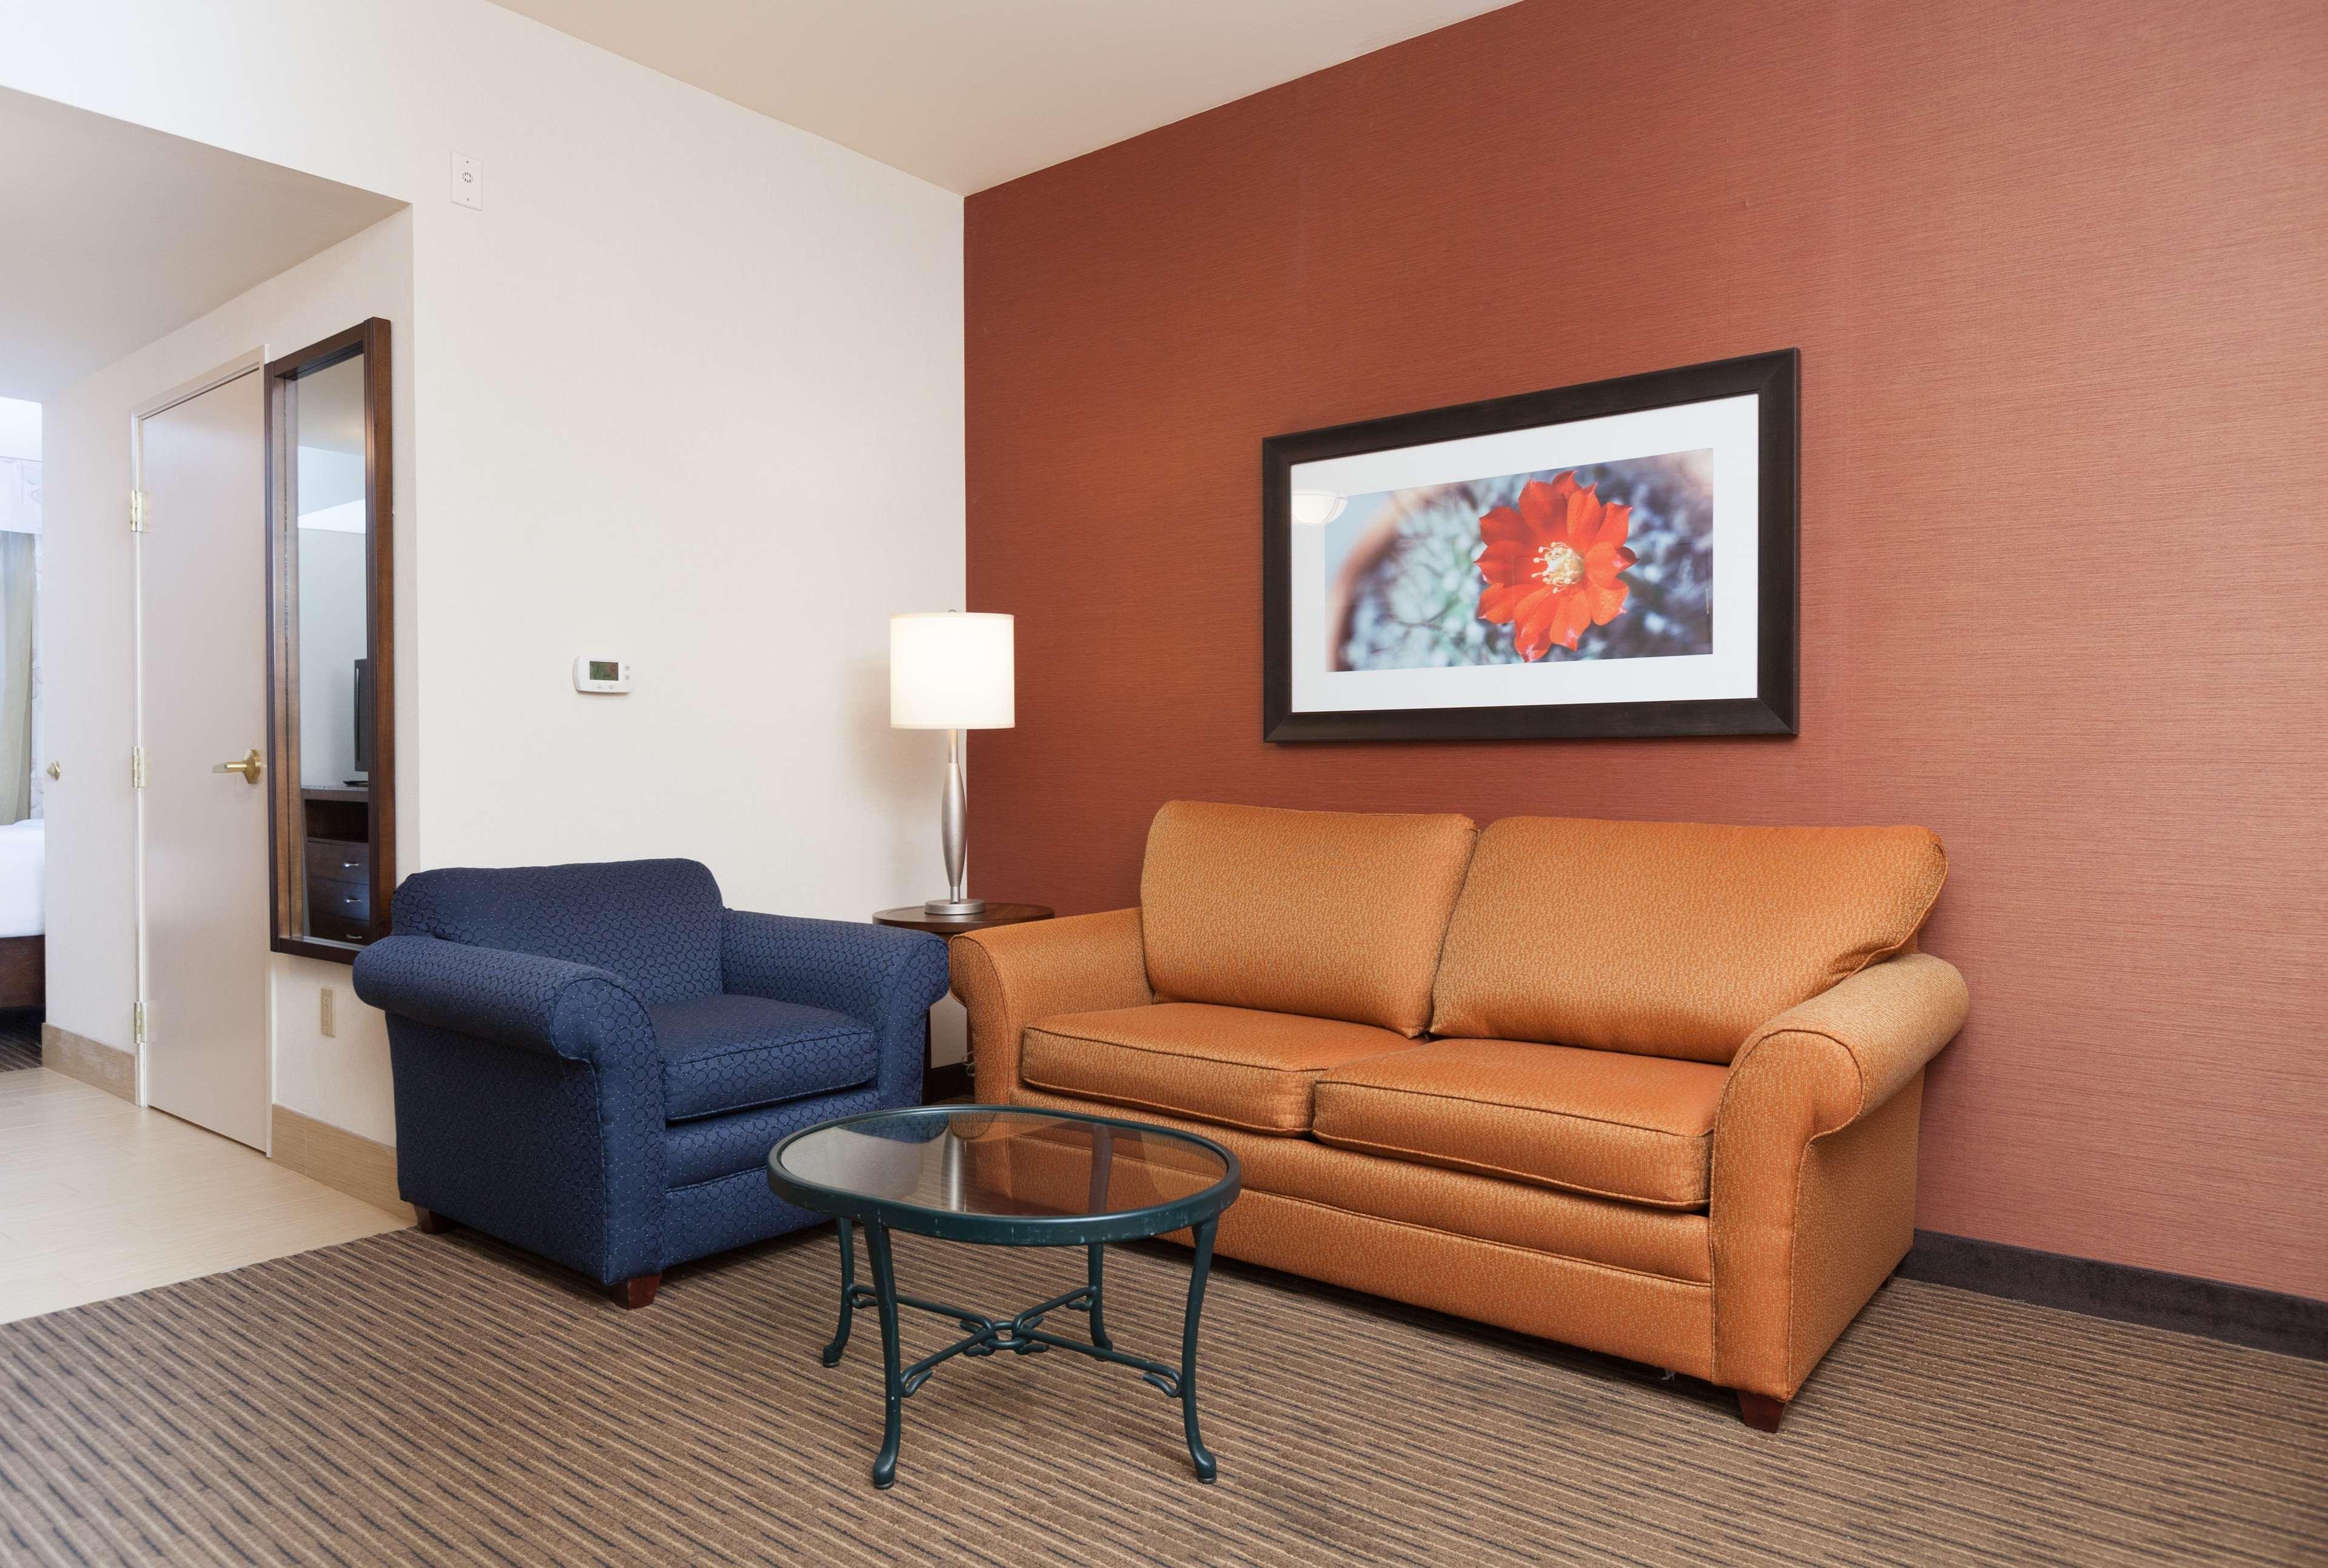 Hilton Garden Inn Palm Springs/Rancho Mirage image 24